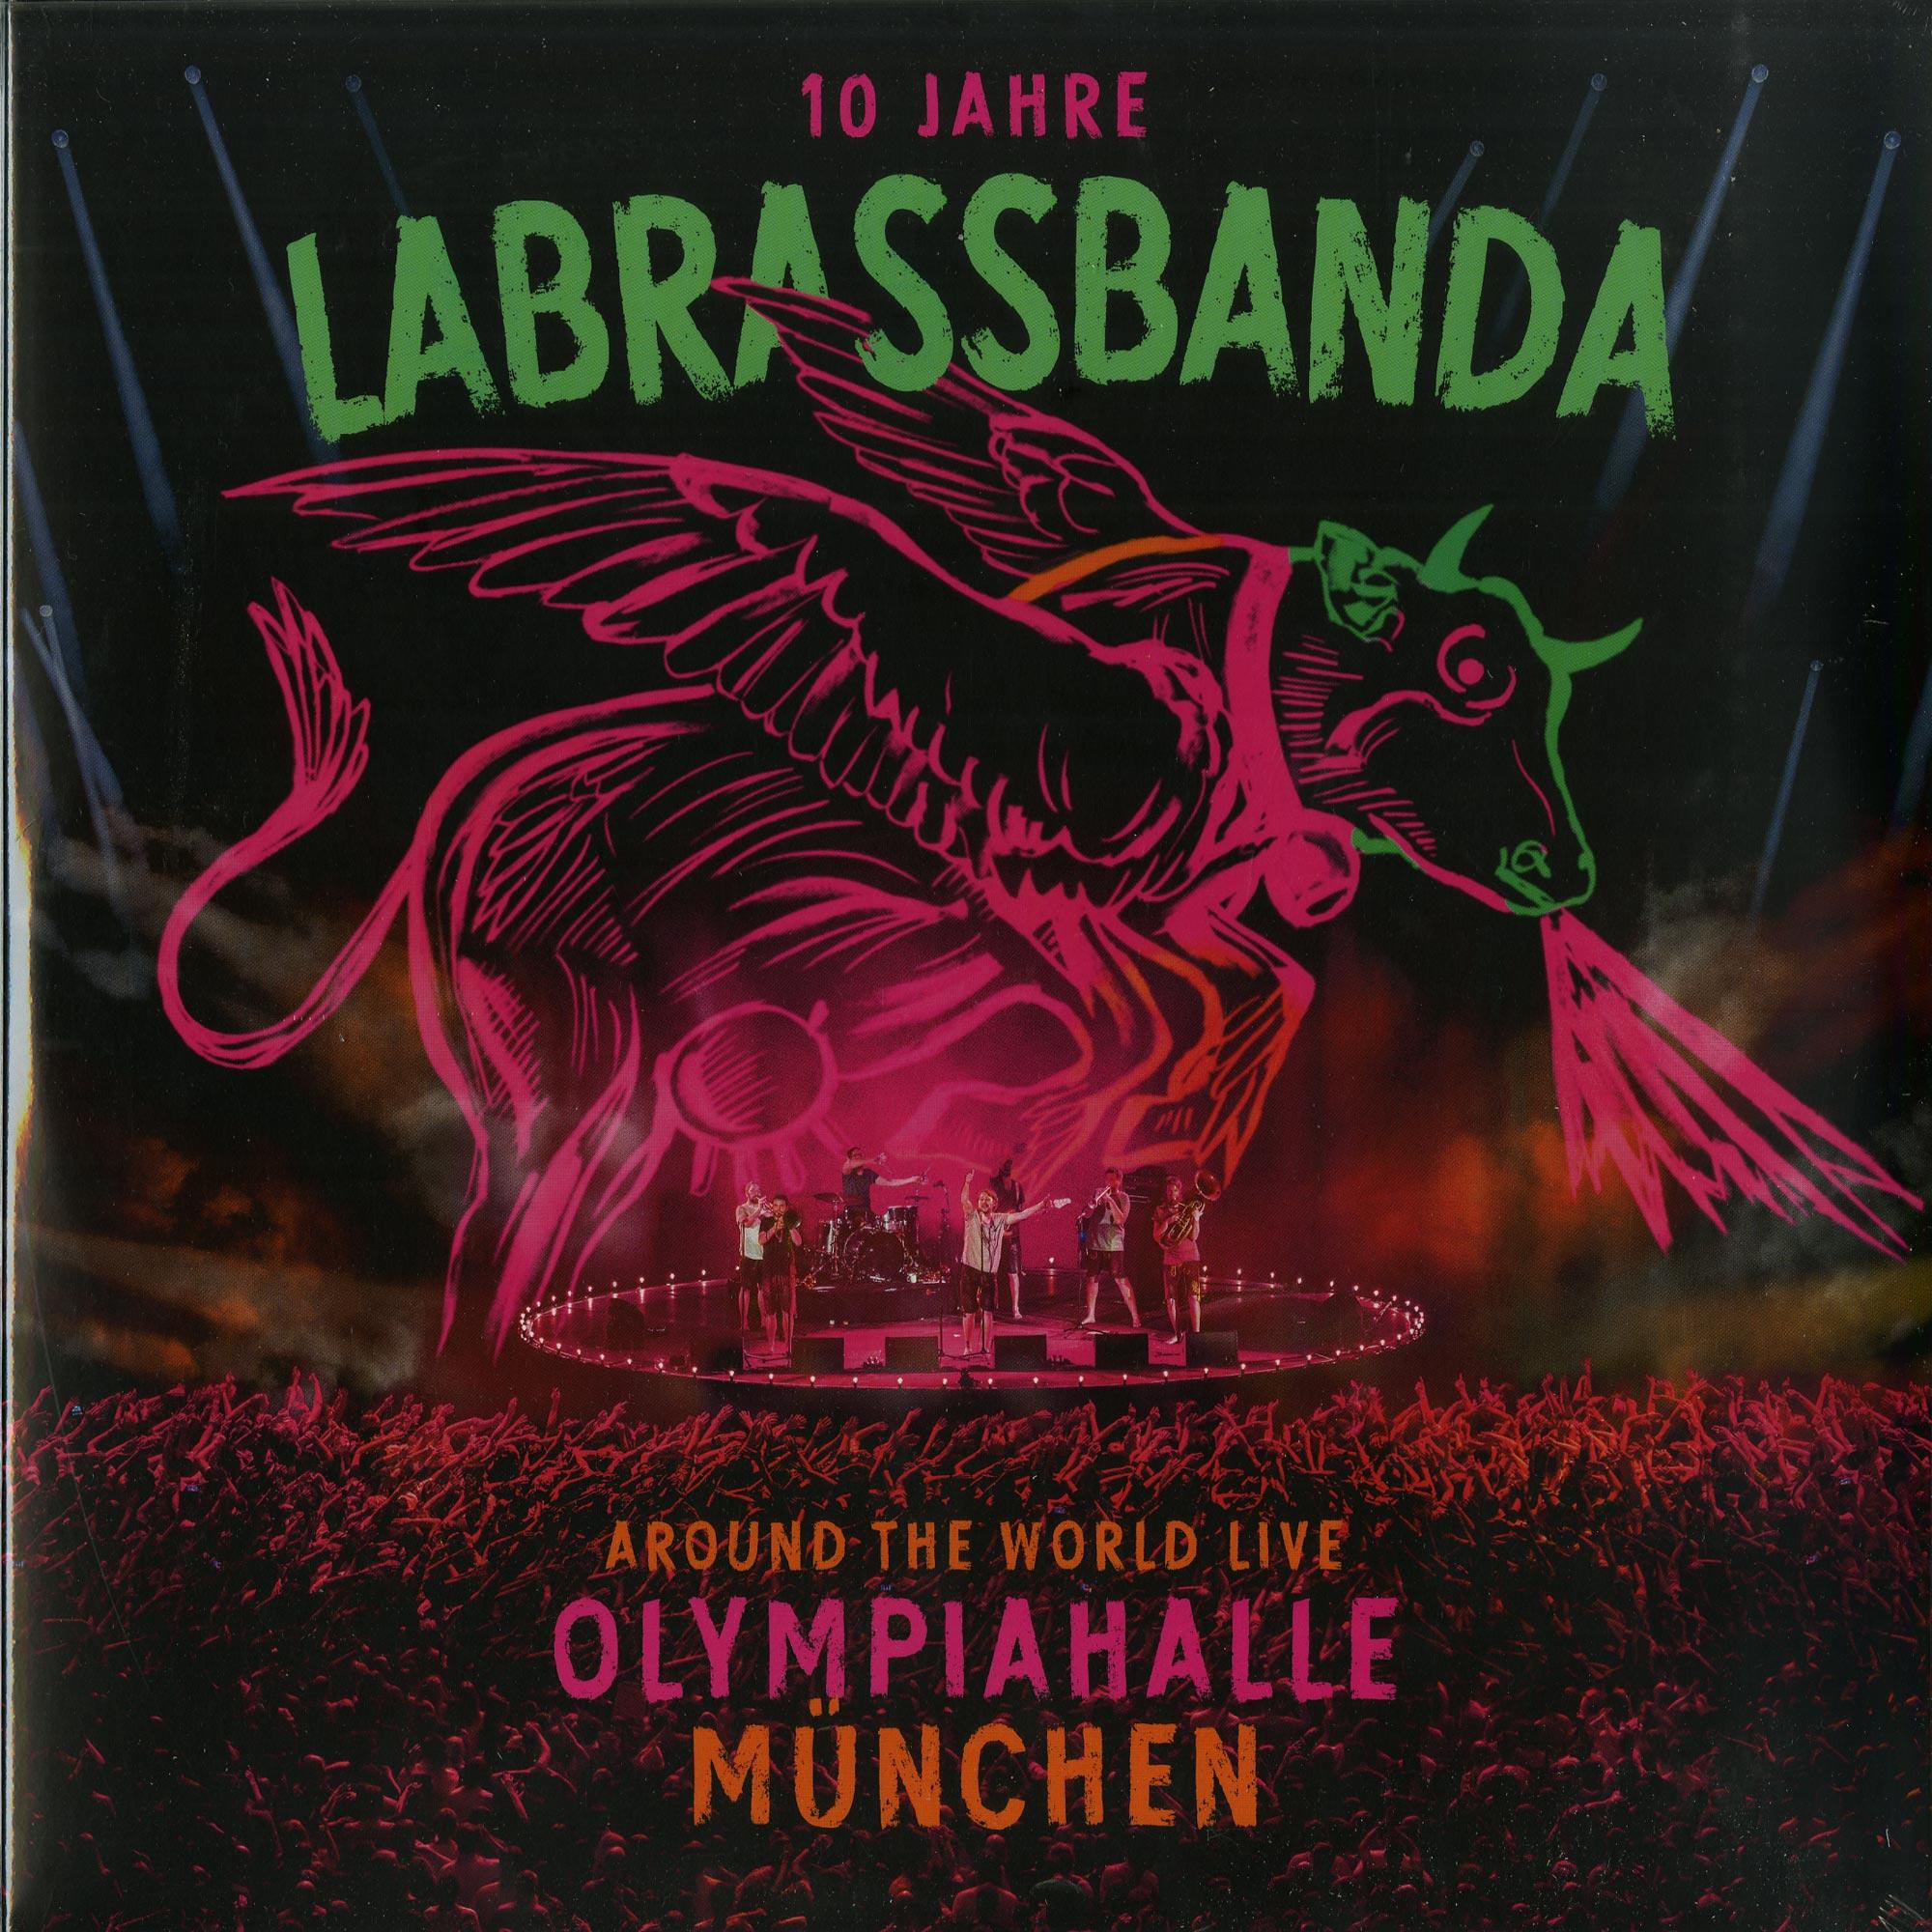 LaBrassBanda - AROUND THE WORLD LIVE